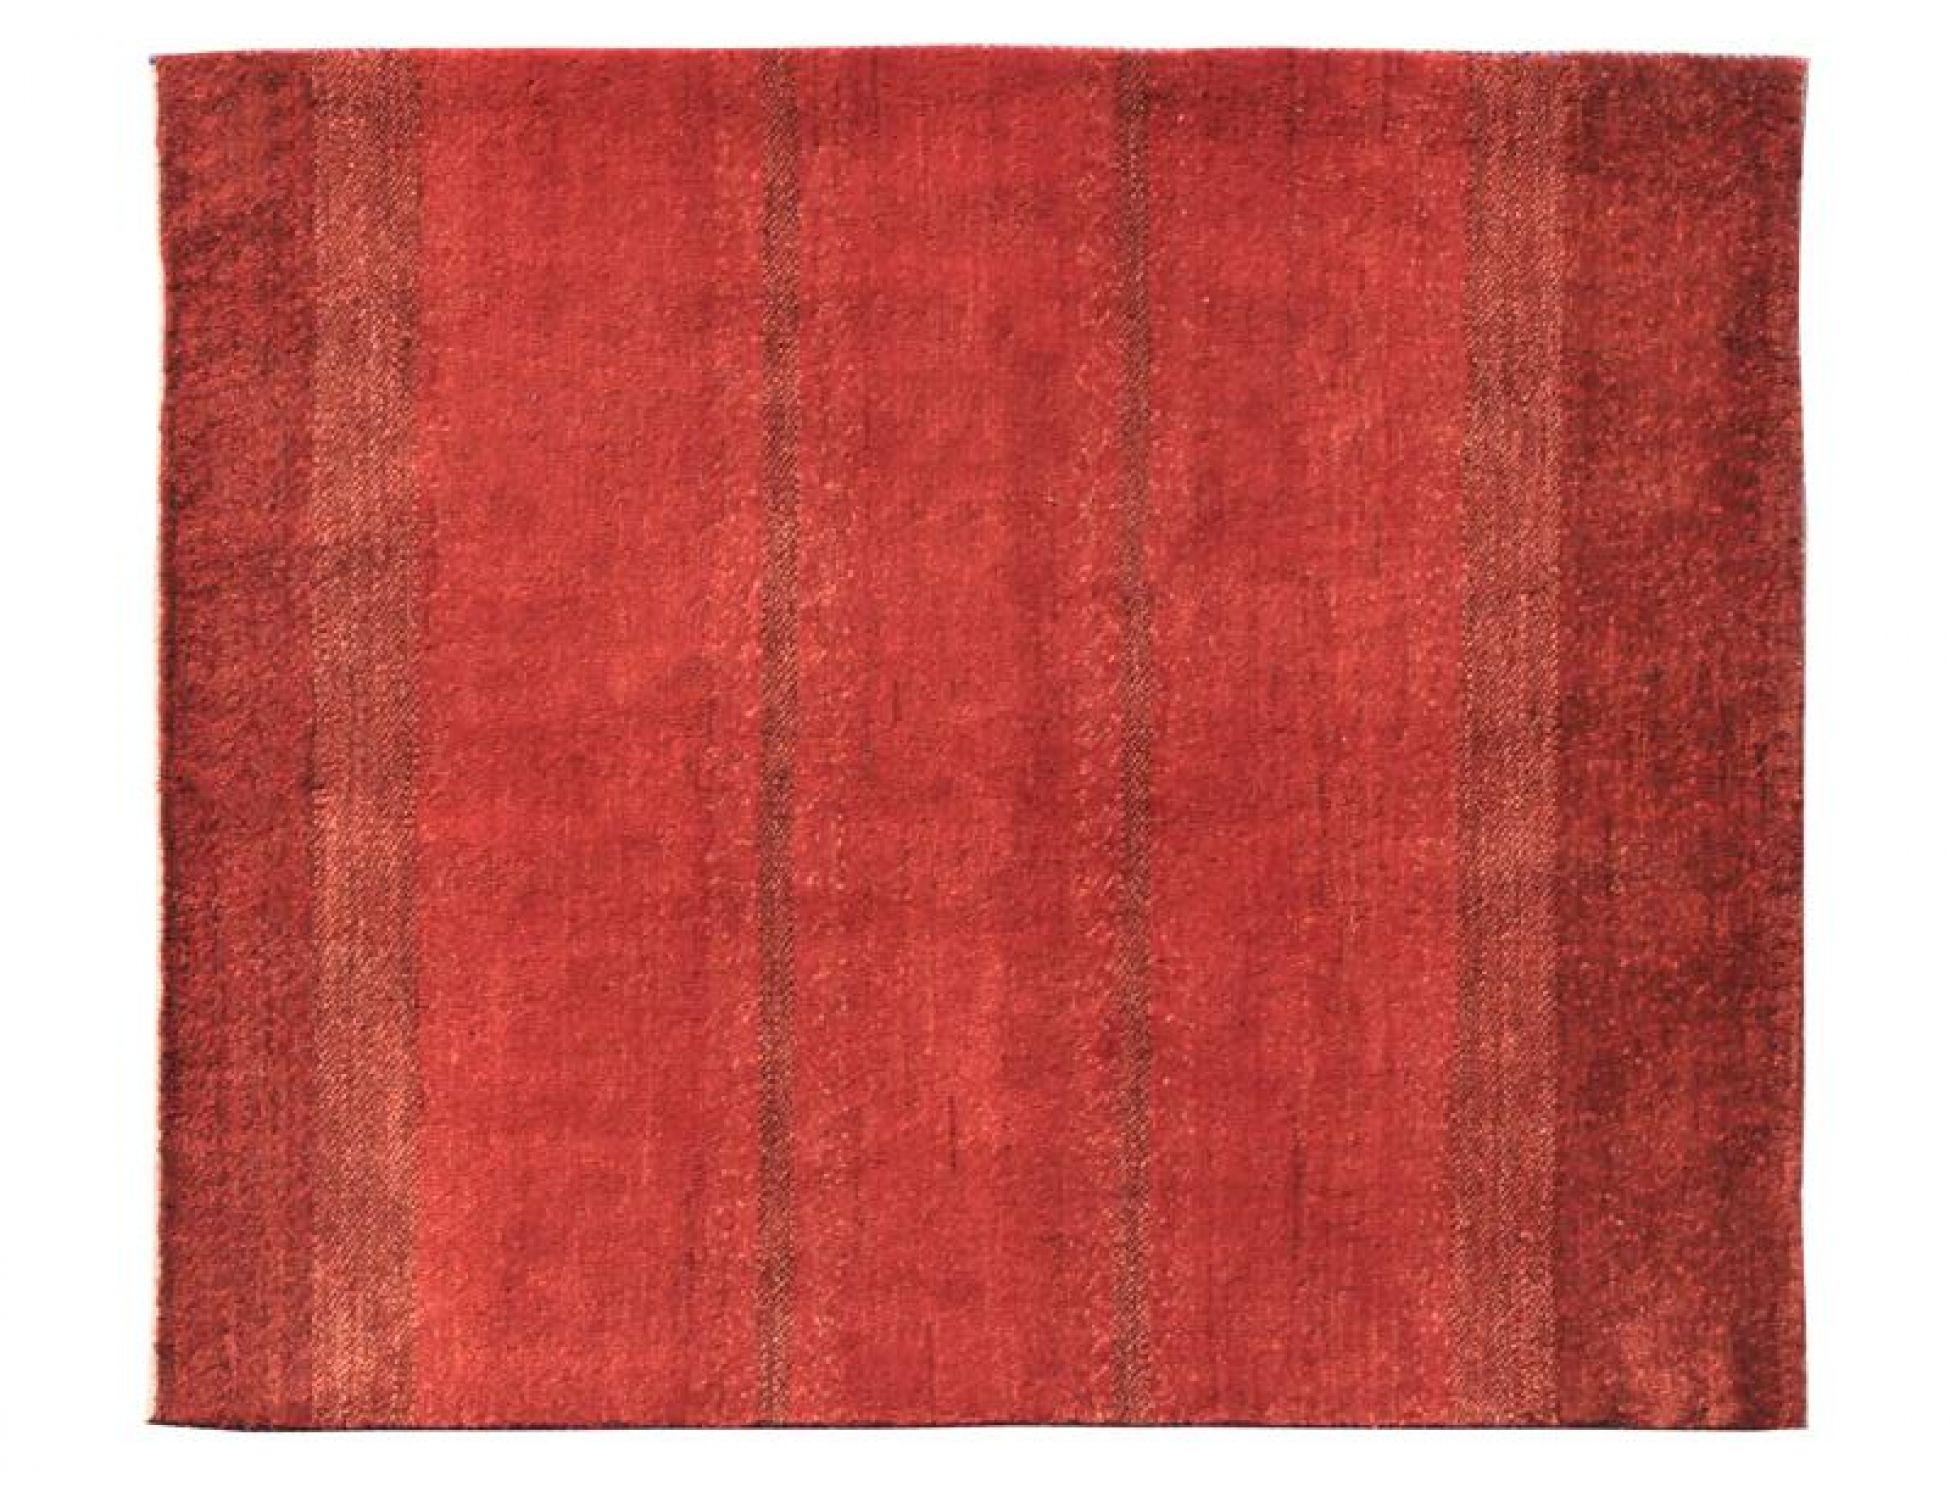 Moderne Teppiche   <br/>124 x 116 cm